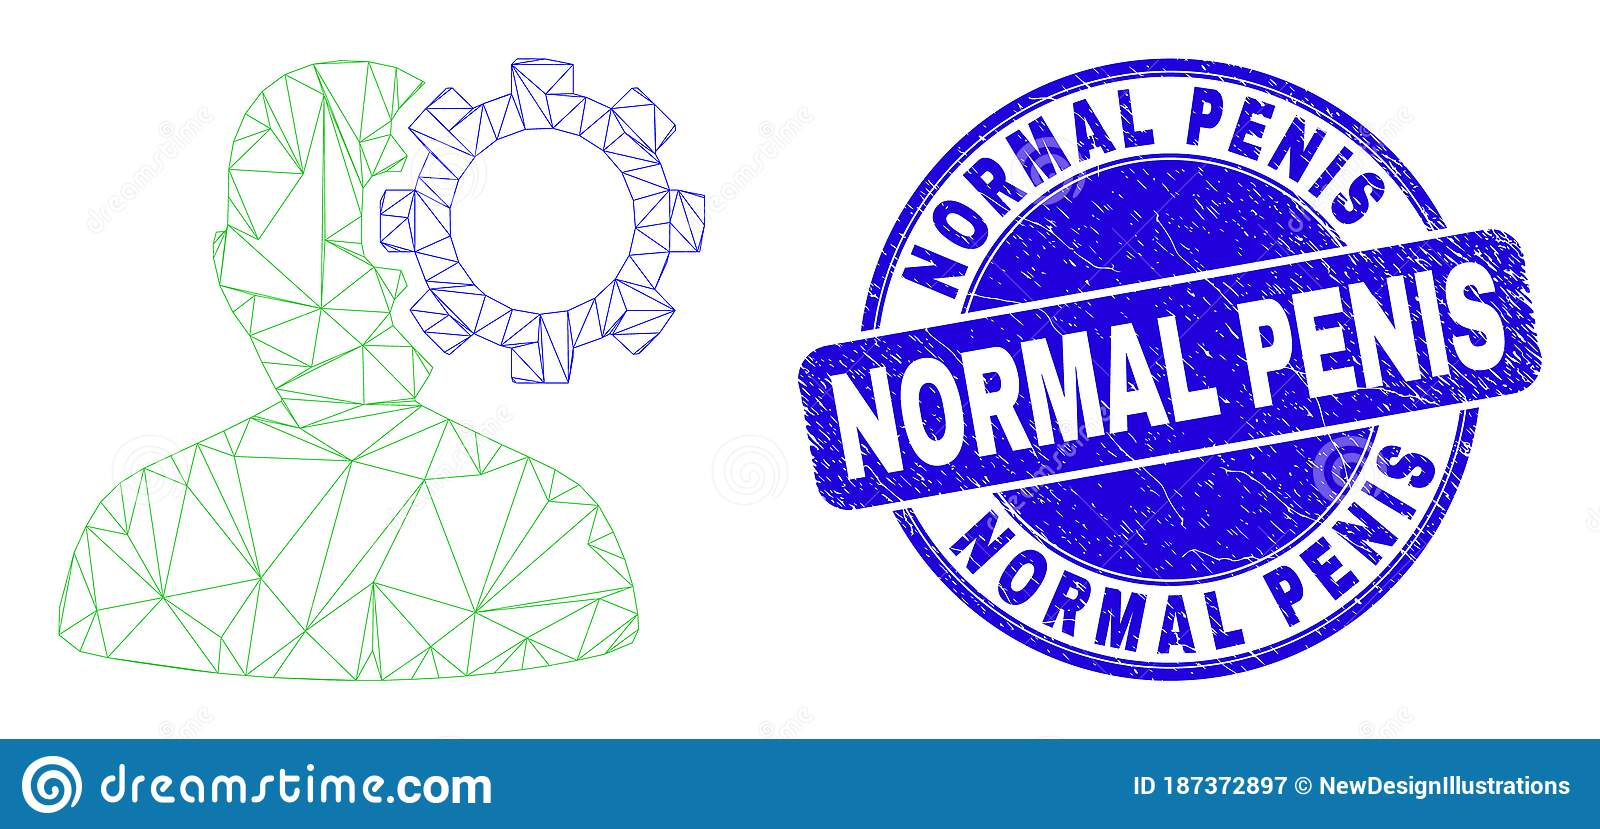 Penis normal Average Penis